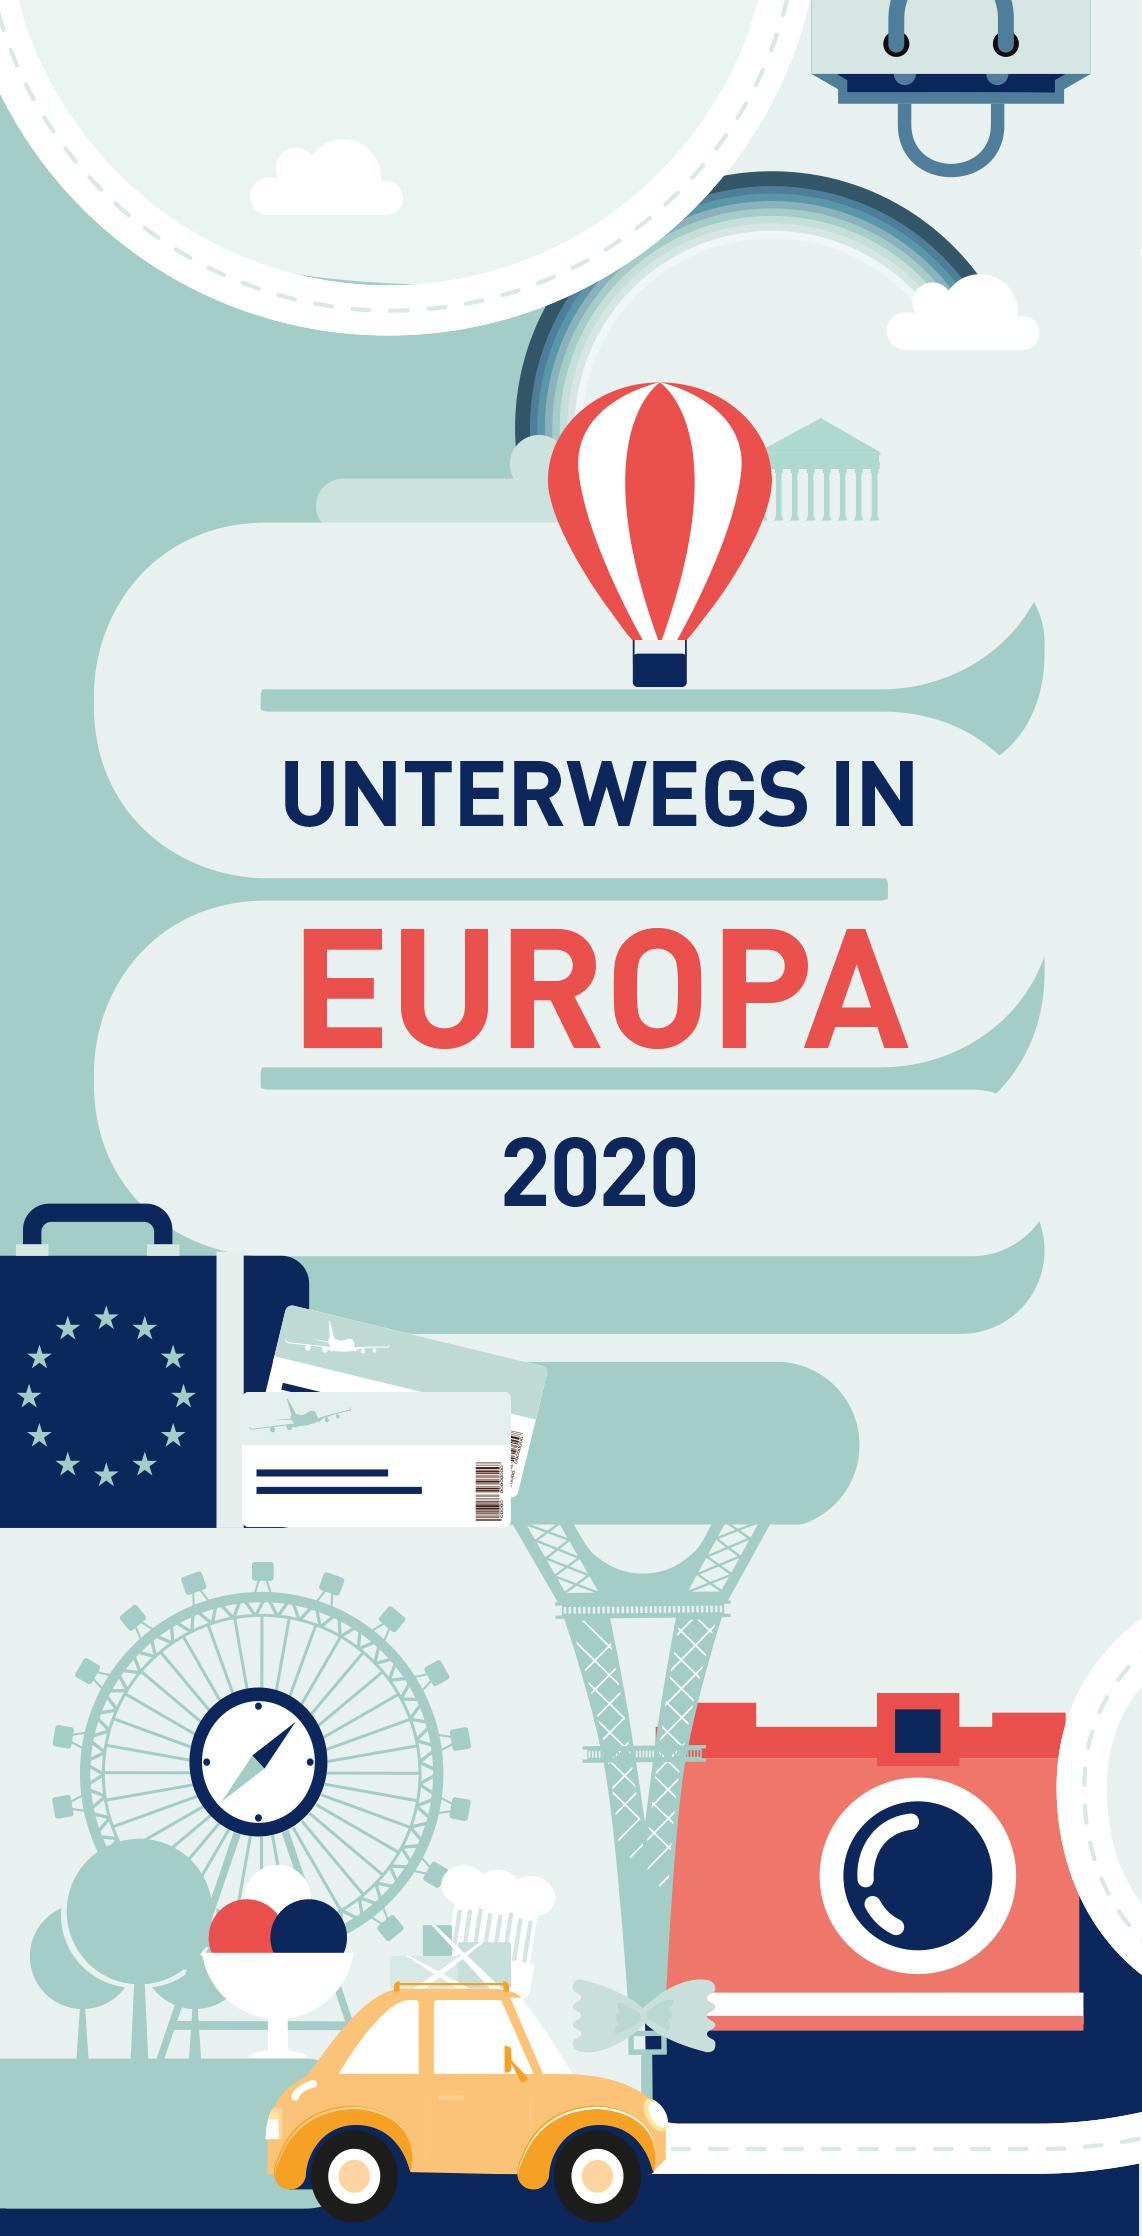 Unterwegs in Europa 2020